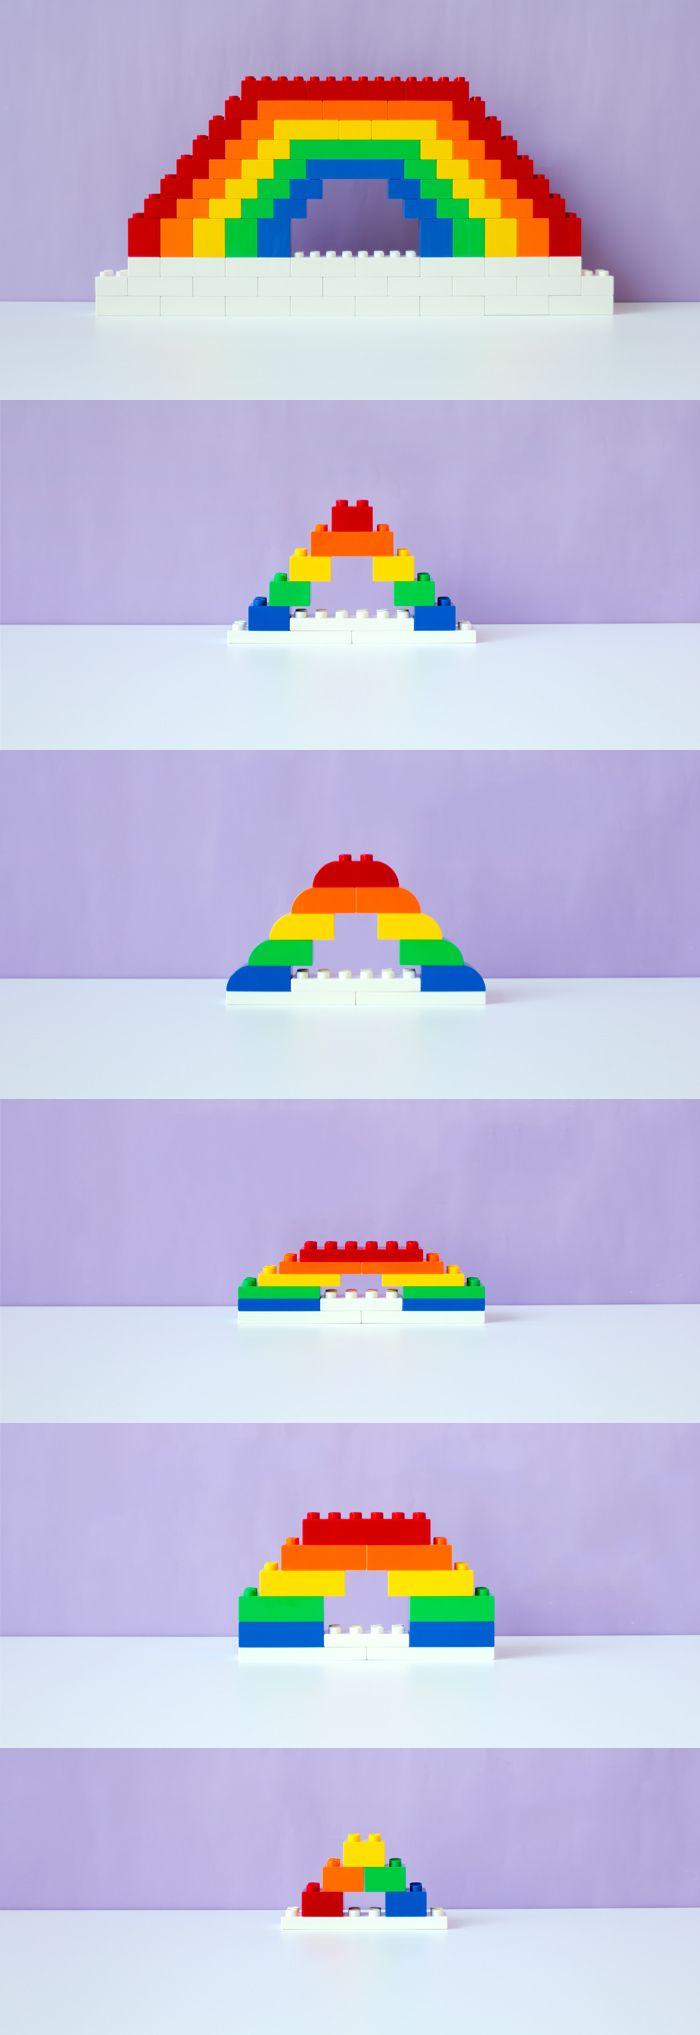 Il existe un jeu LEGO® DUPLO® très amusant auquel vous pouvez jouer encore et encore avec votre jeune enfant: trier les couleurs.